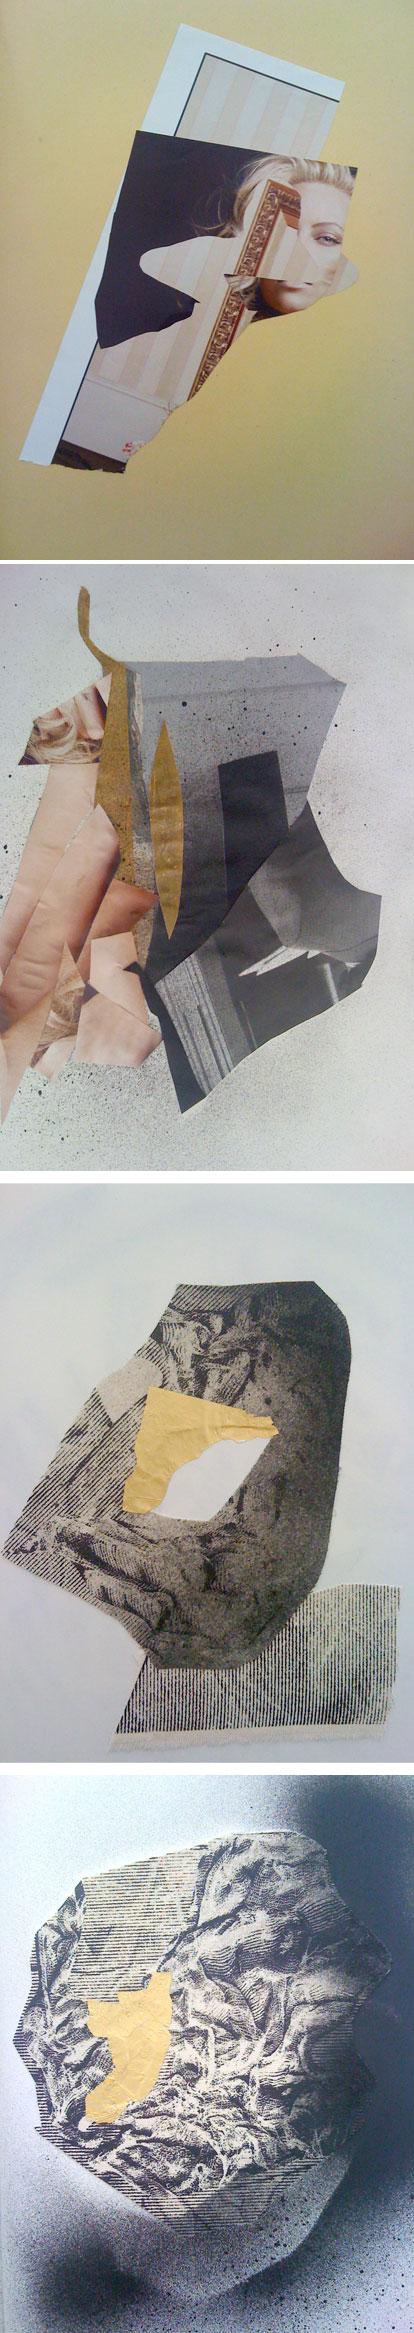 sketch_book_2